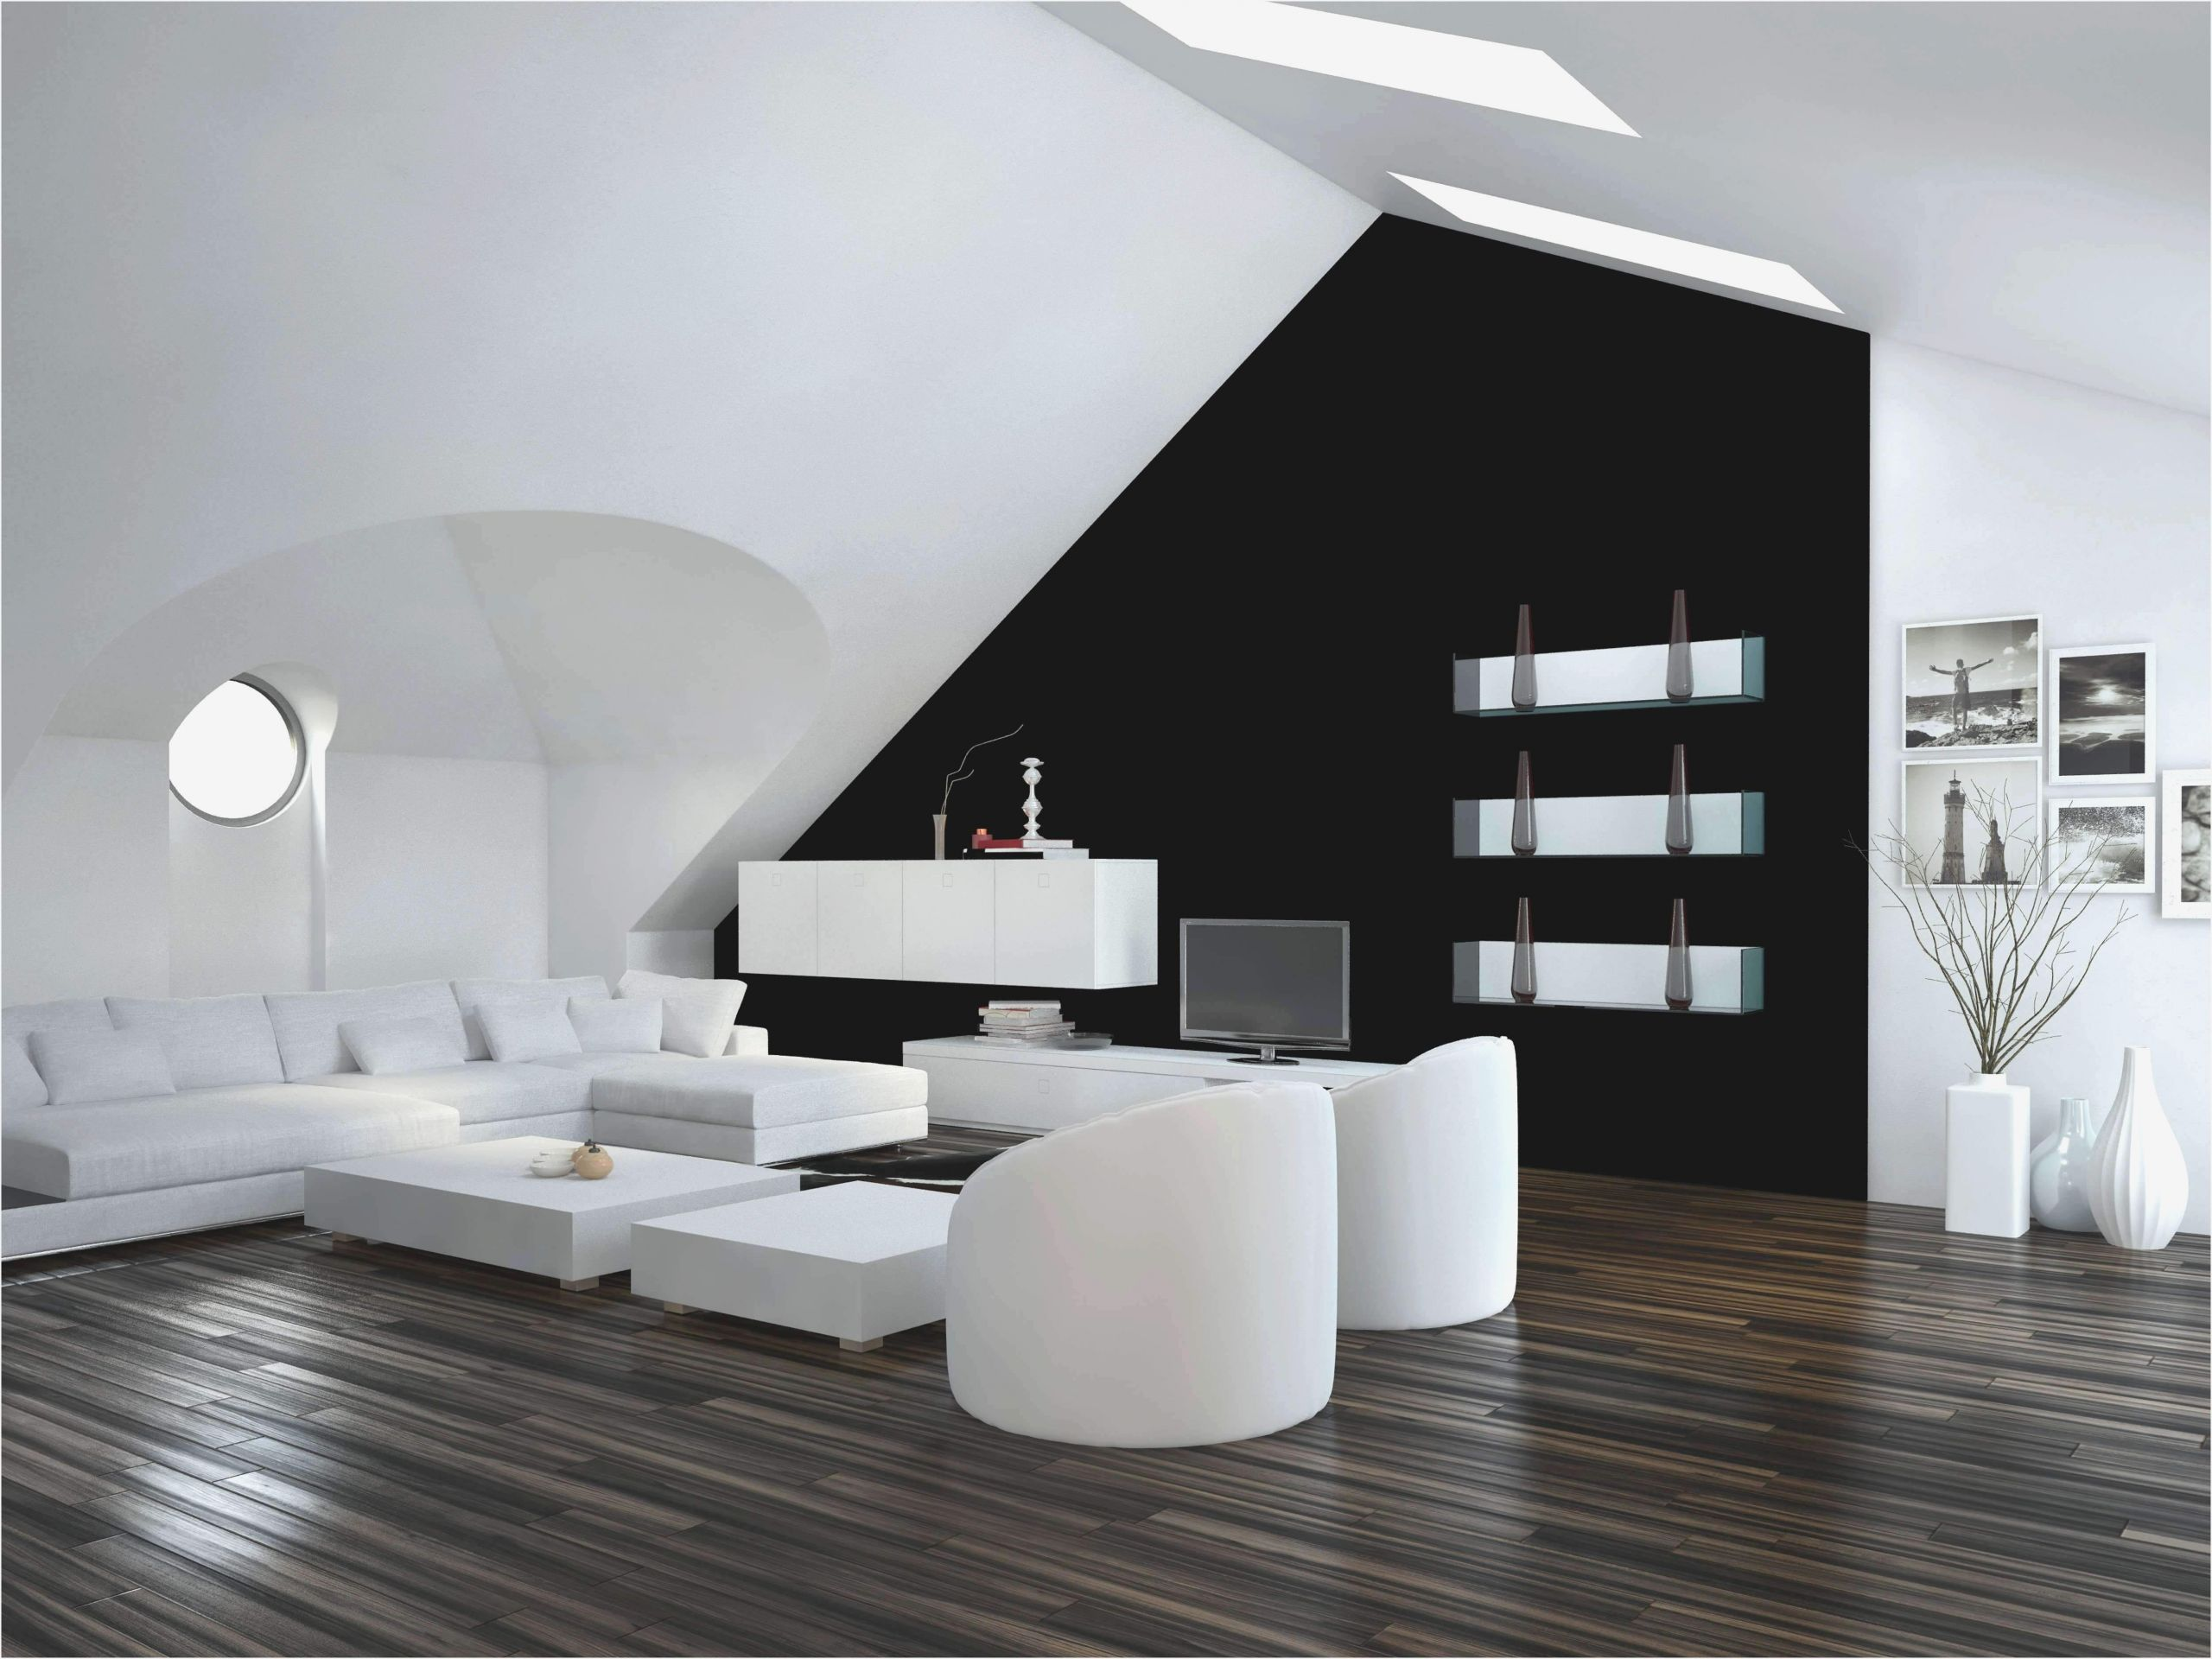 deko wohnzimmer hoch scaled